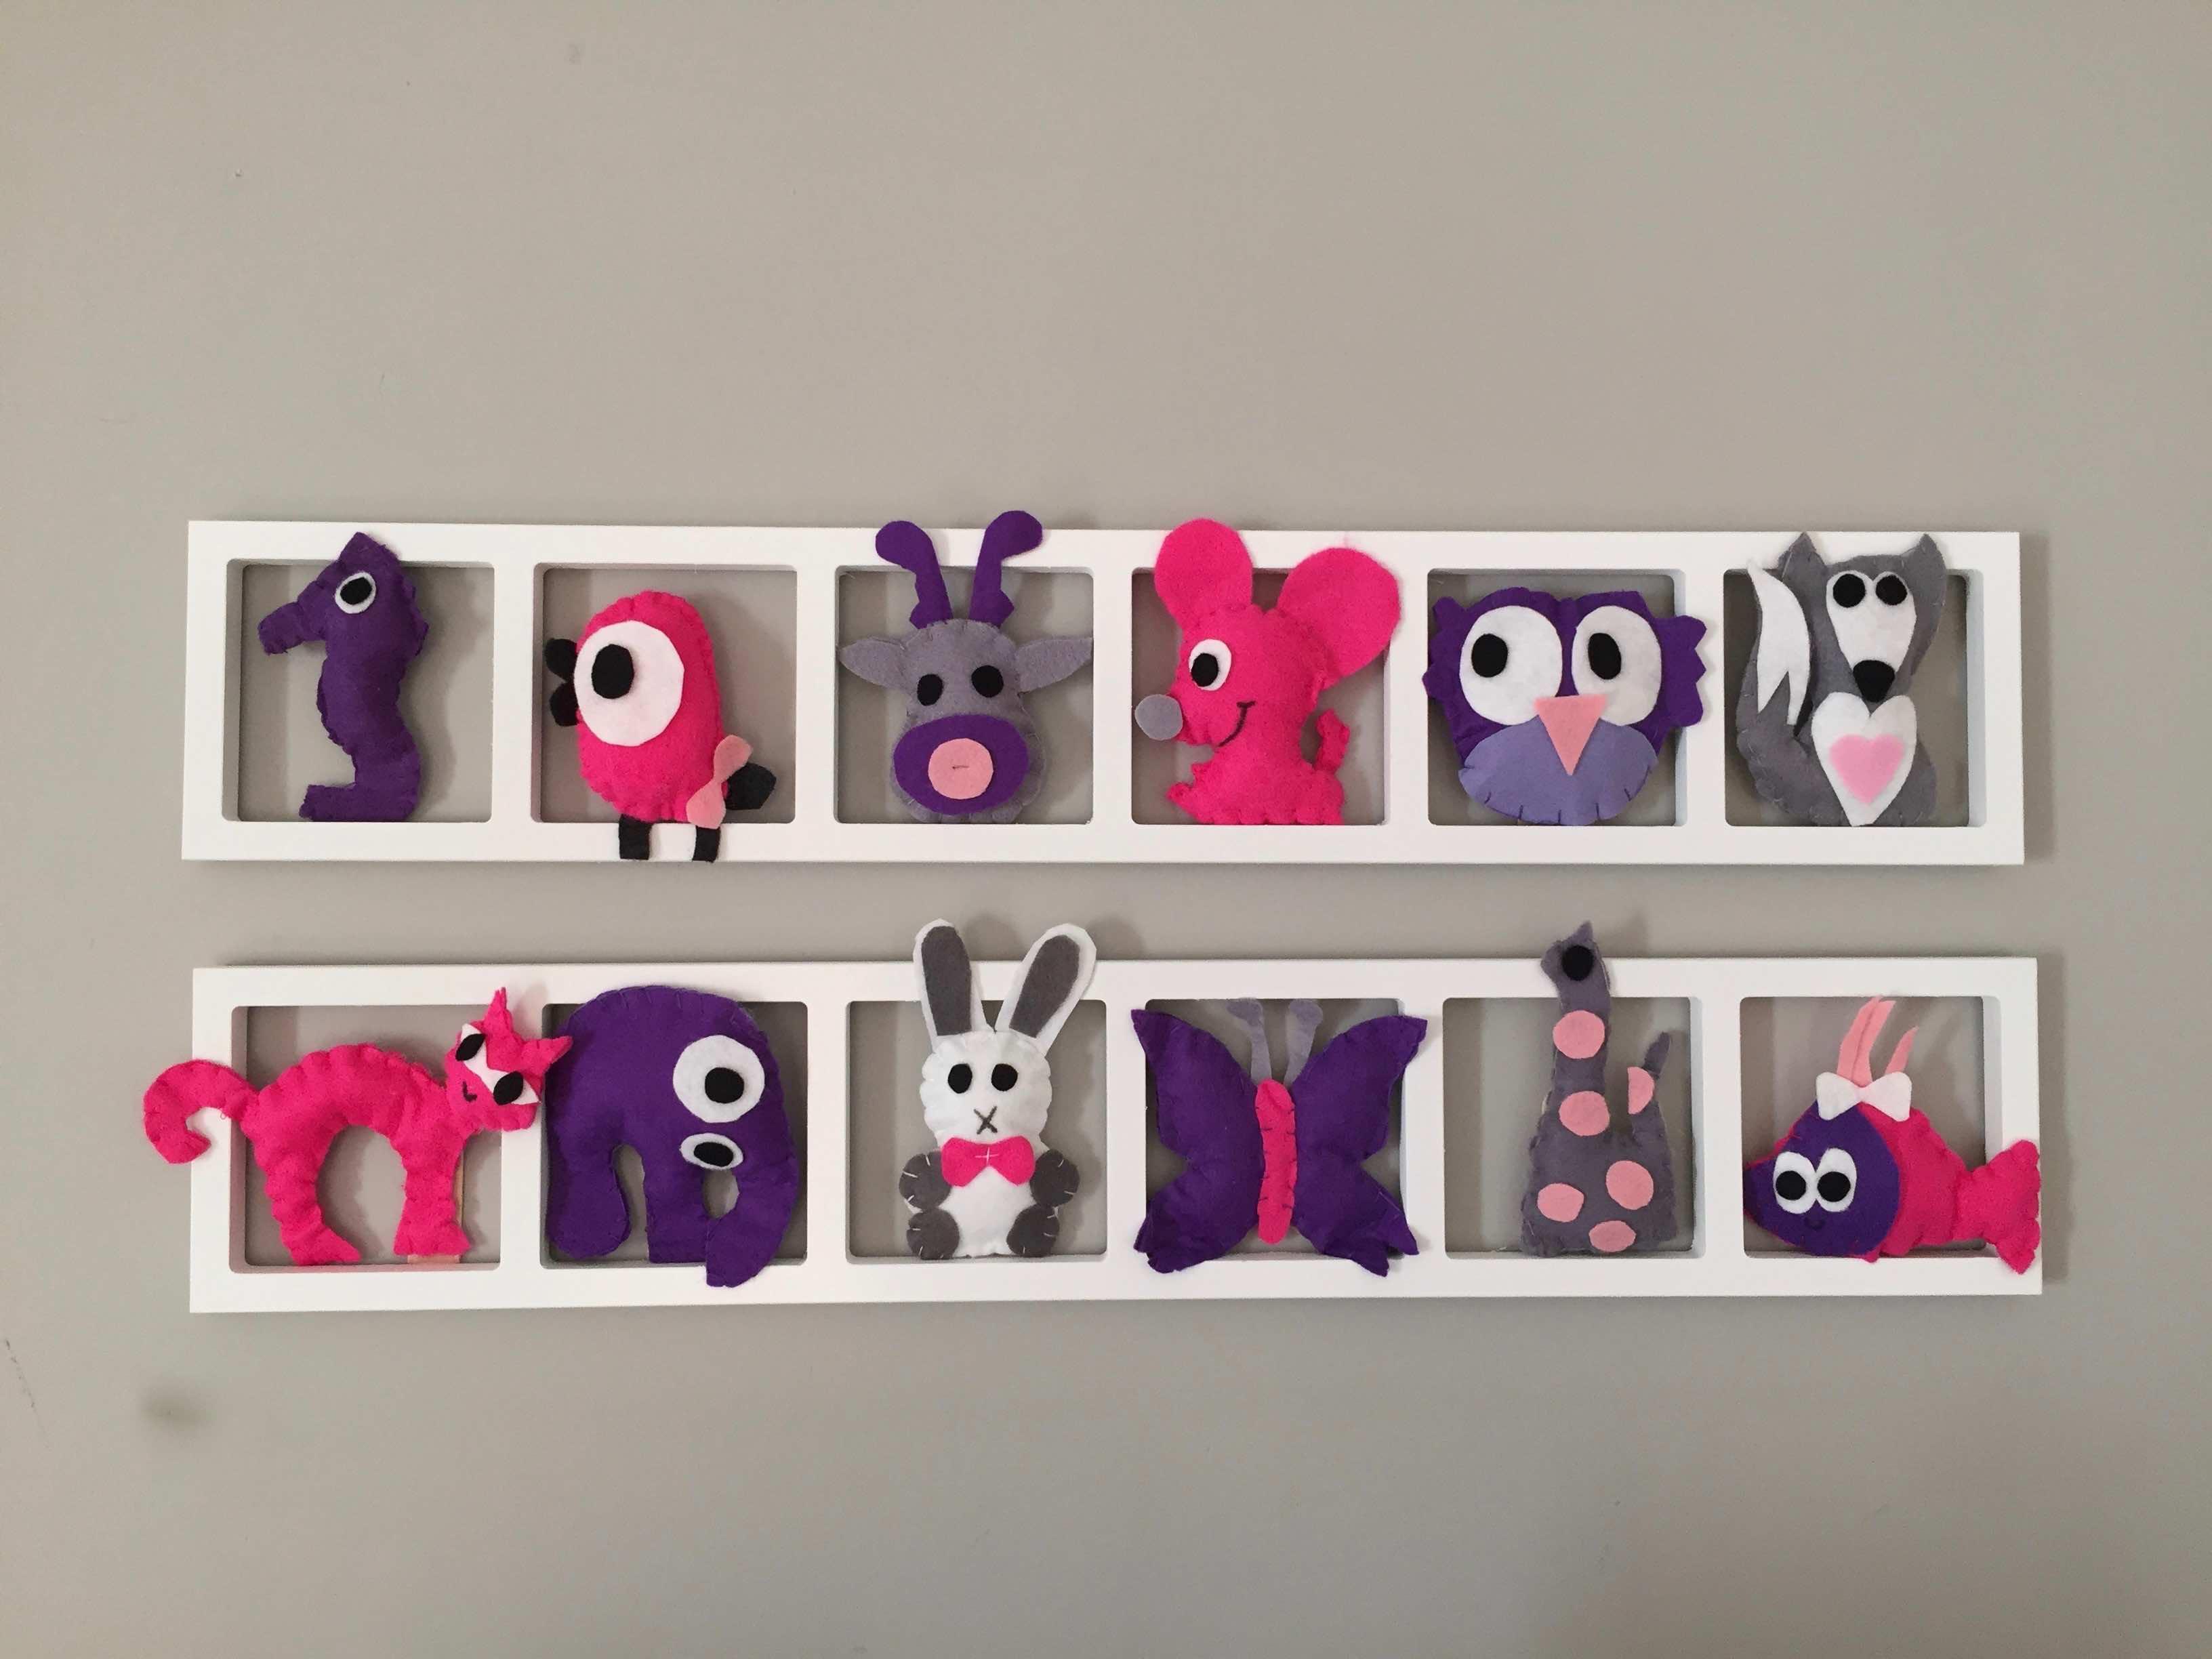 Cadre Mural Deco Chambre Enfant Animaux Rose Lila Mauve Gris